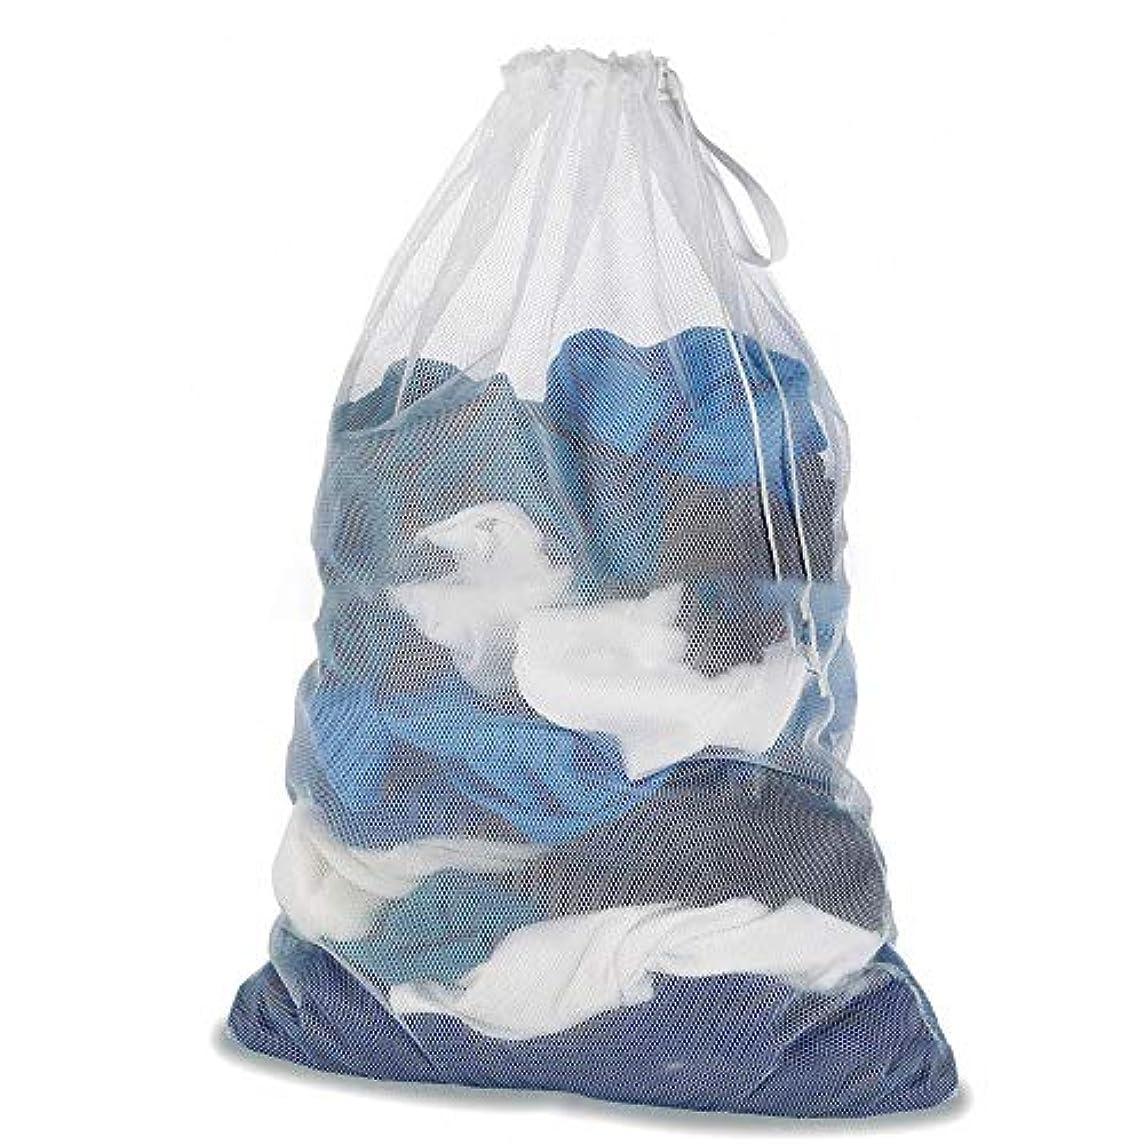 伝染病ブランド名スプレー赤ん坊の衣服、ドローストリングが付いているジャケットのカーテンのための大きい網の洗濯袋の洗濯袋 (マルチカラー)